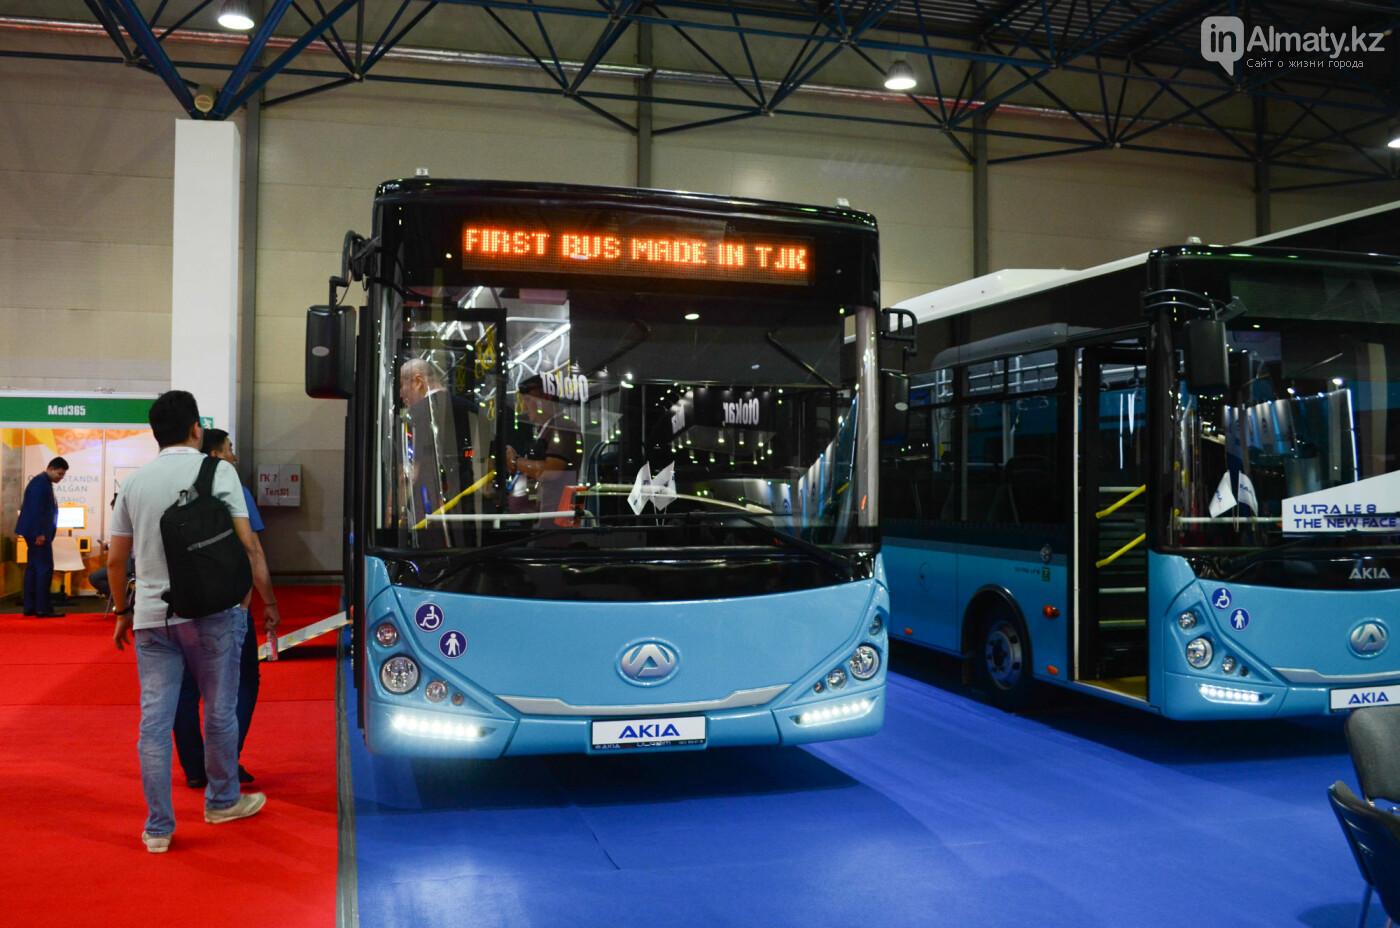 Новейшие автобусы из шести стран представили в Алматы, фото-4